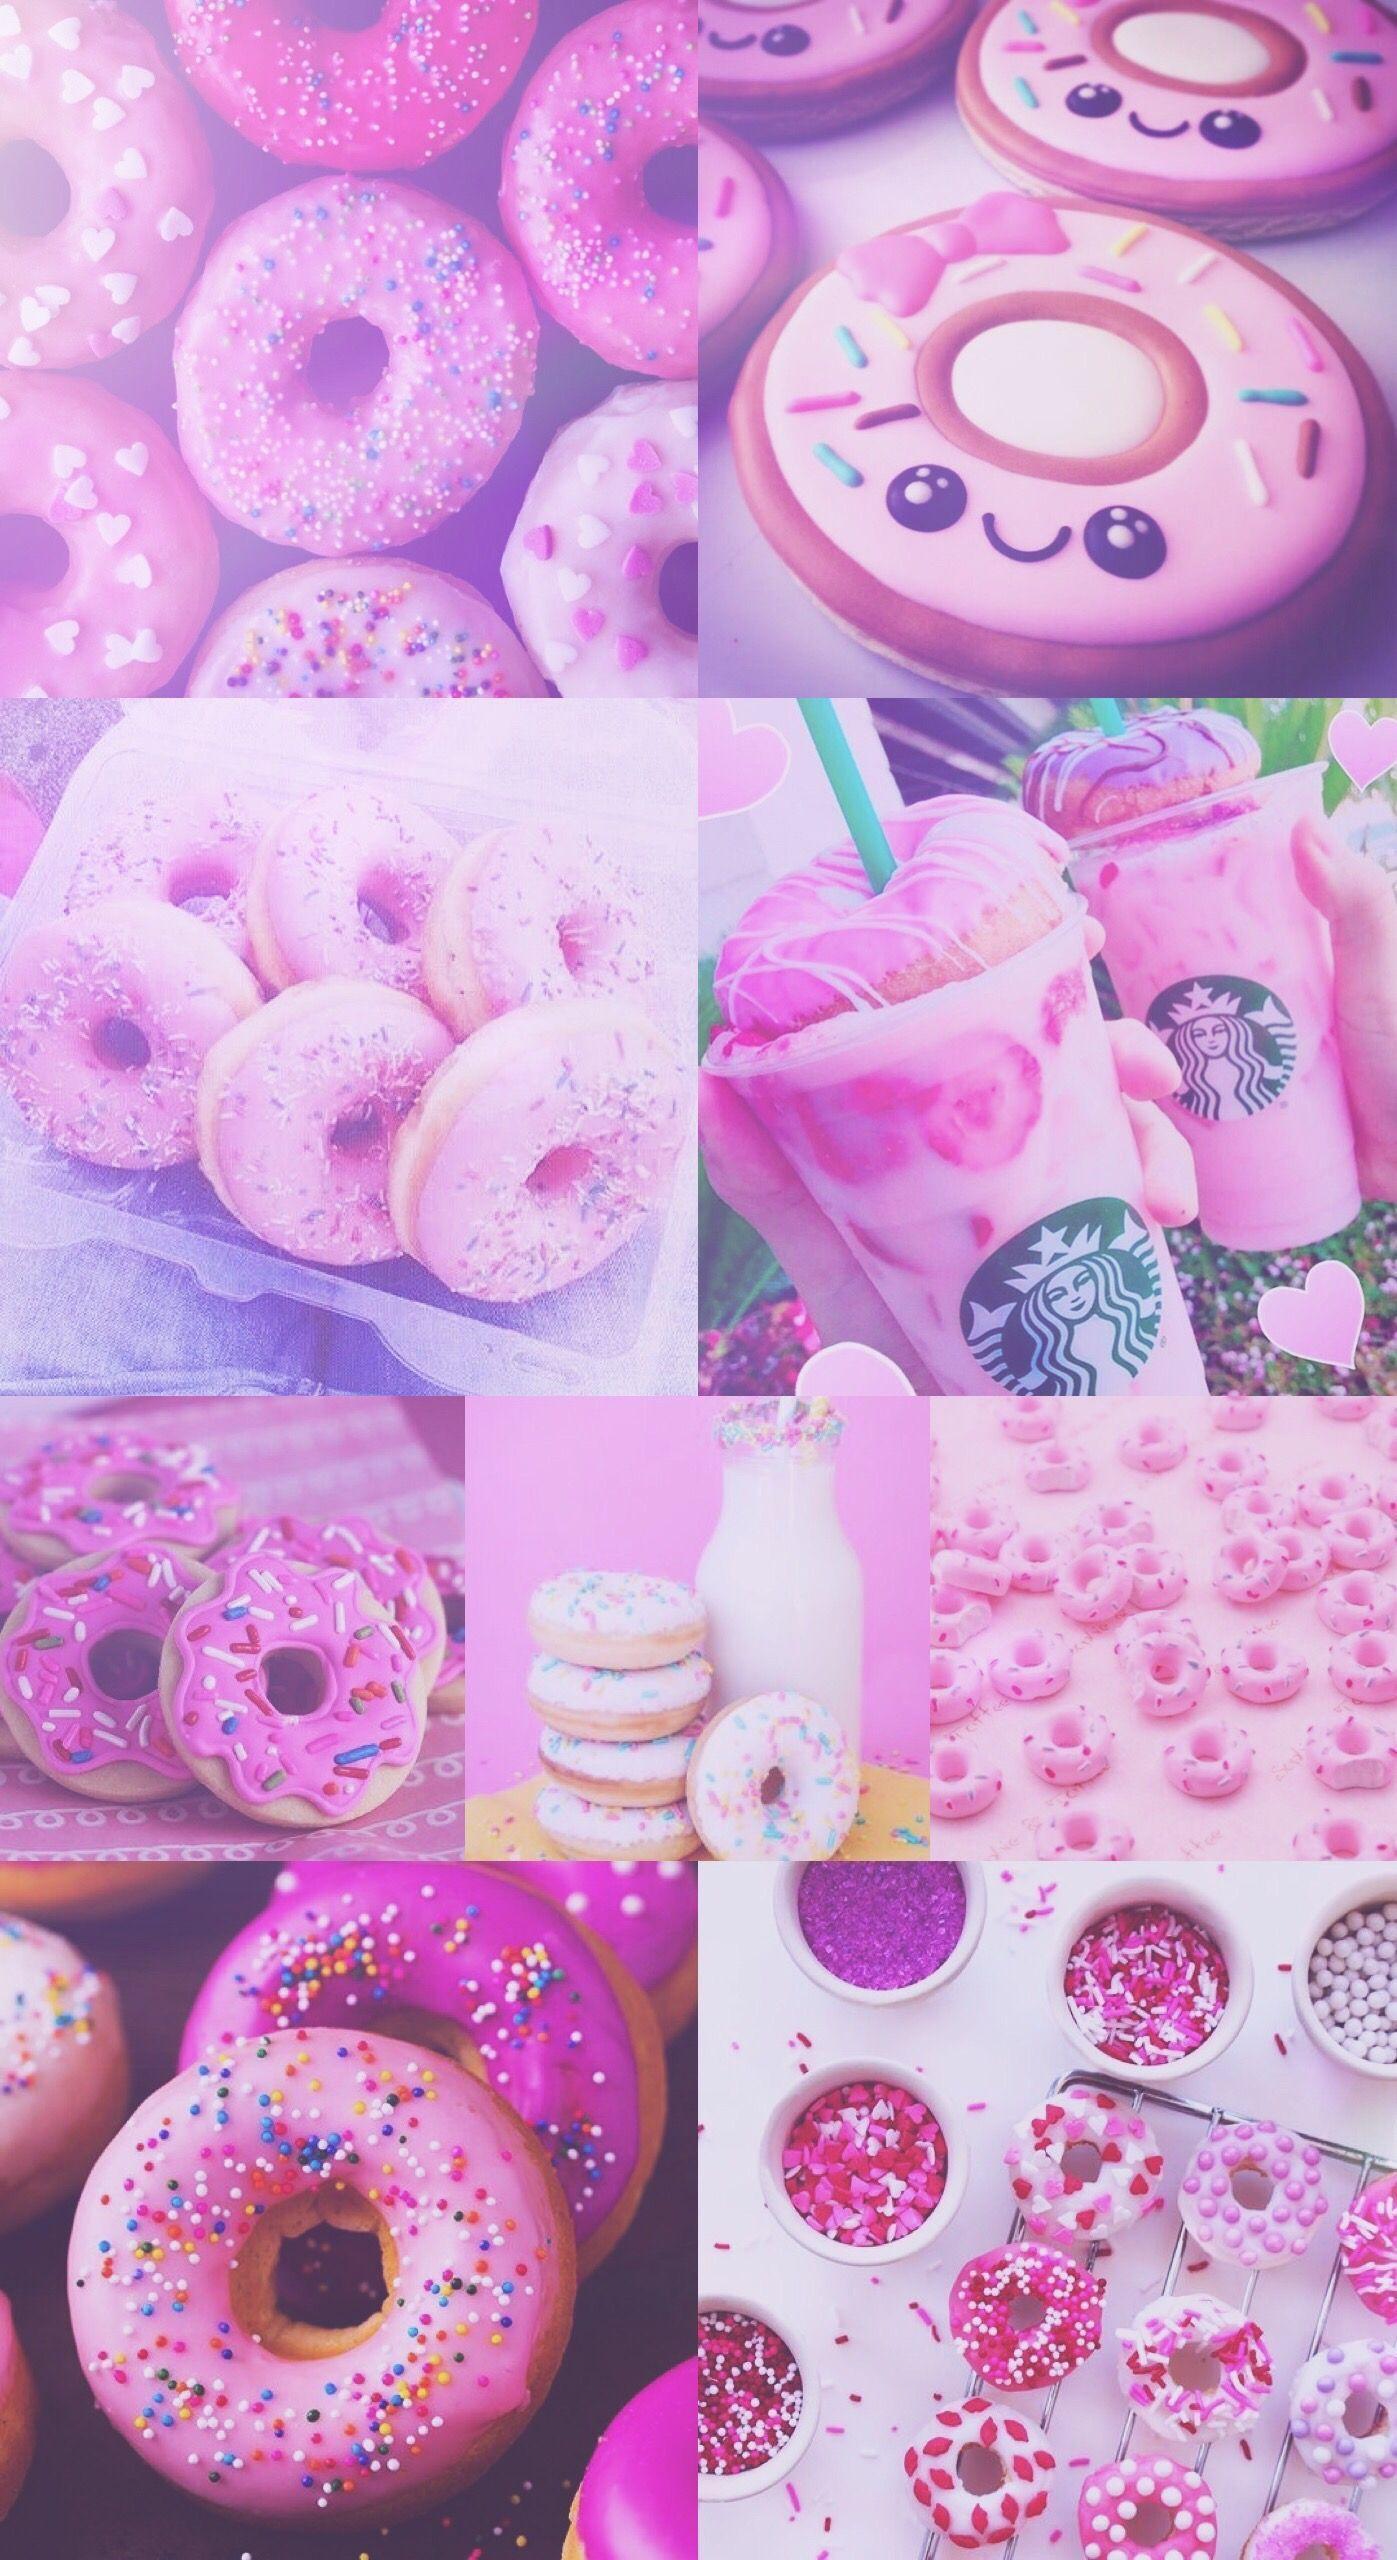 Girly Starbucks Wallpapers Top Free Girly Starbucks